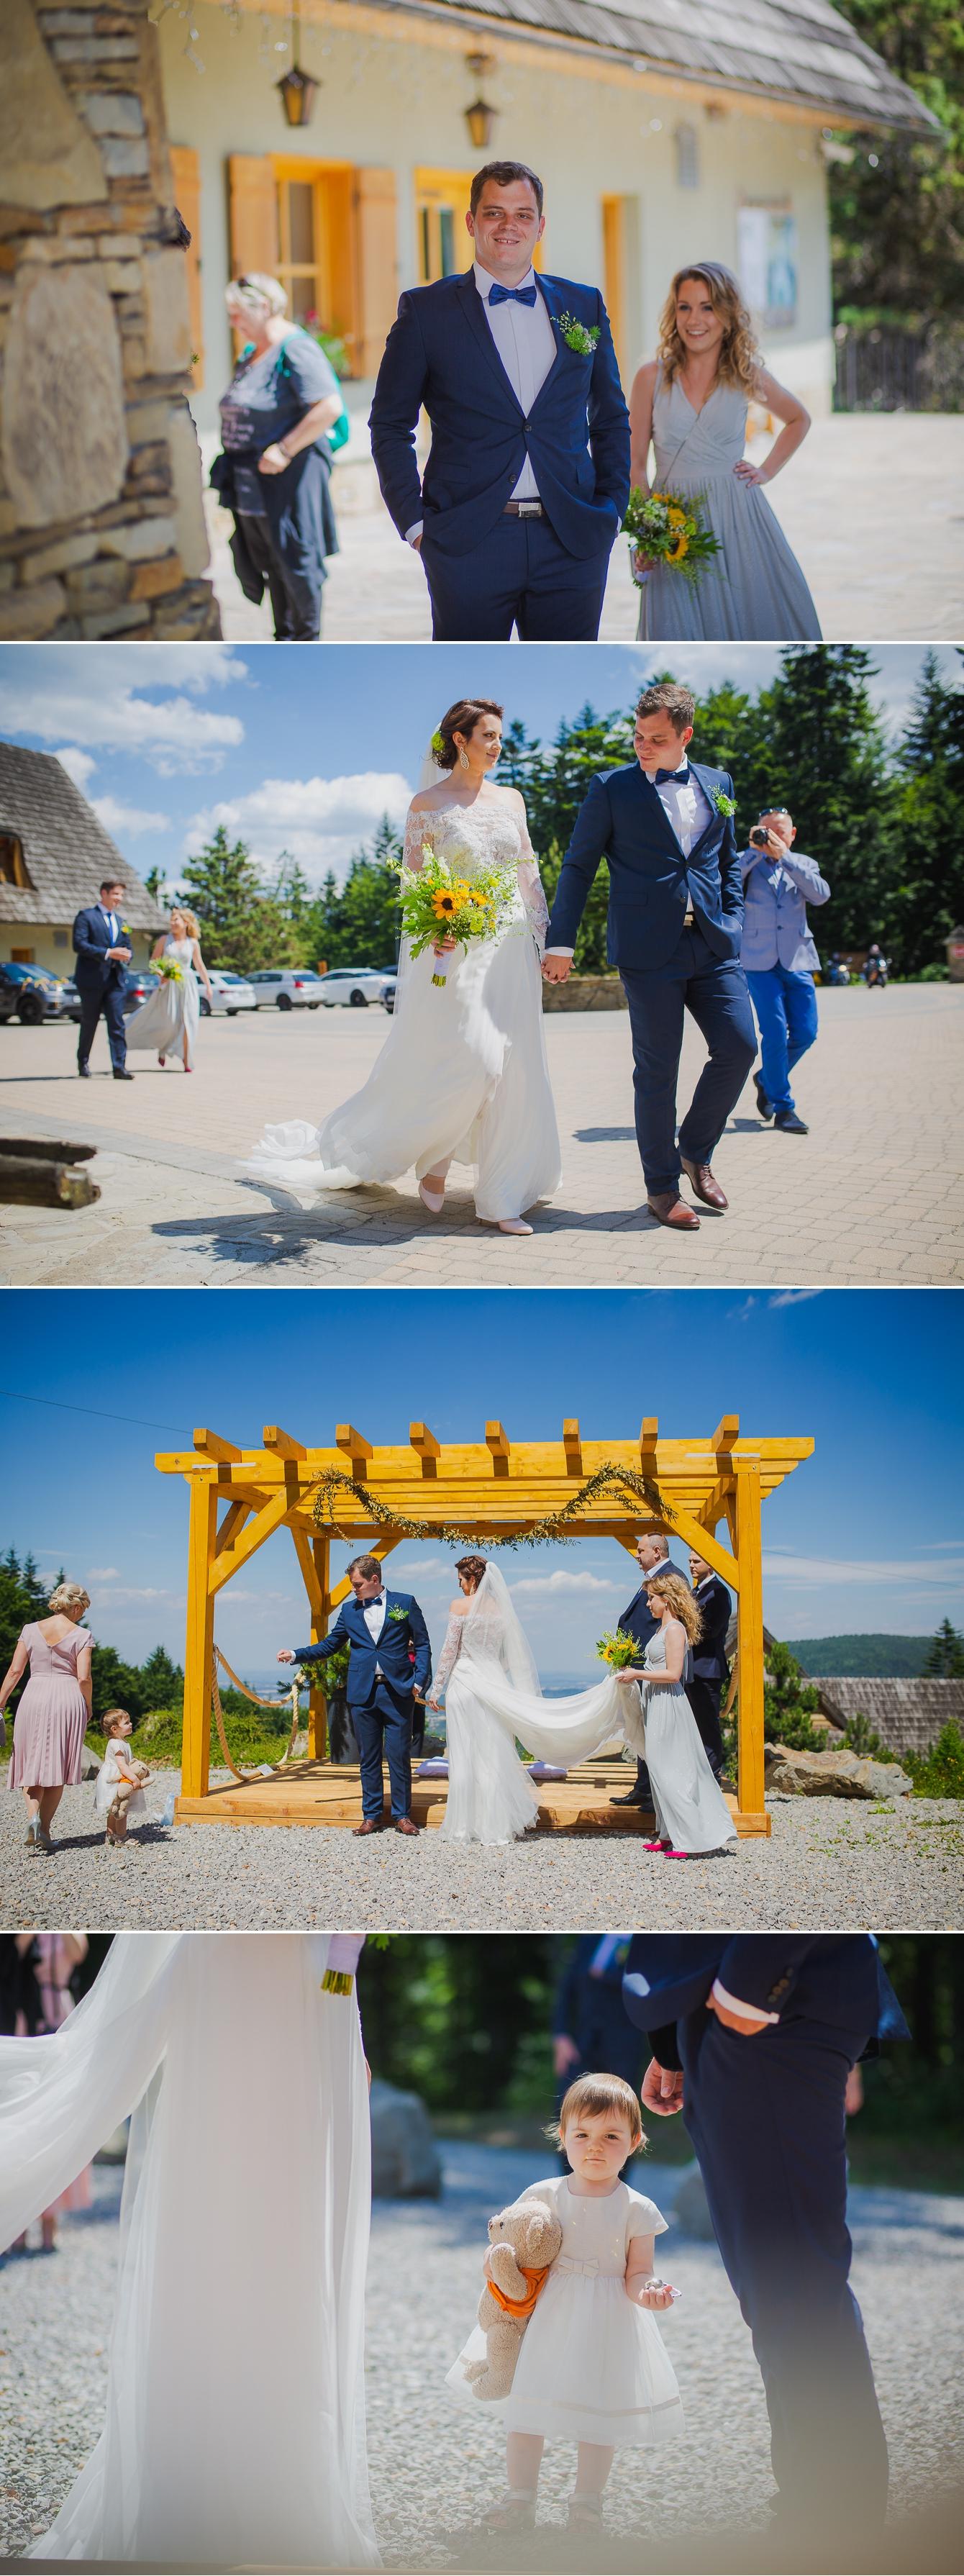 Ania i Damian - ślub w górach - Kocierz SPA - fotografia ślubna - bartek Wyrobek  (4).jpg